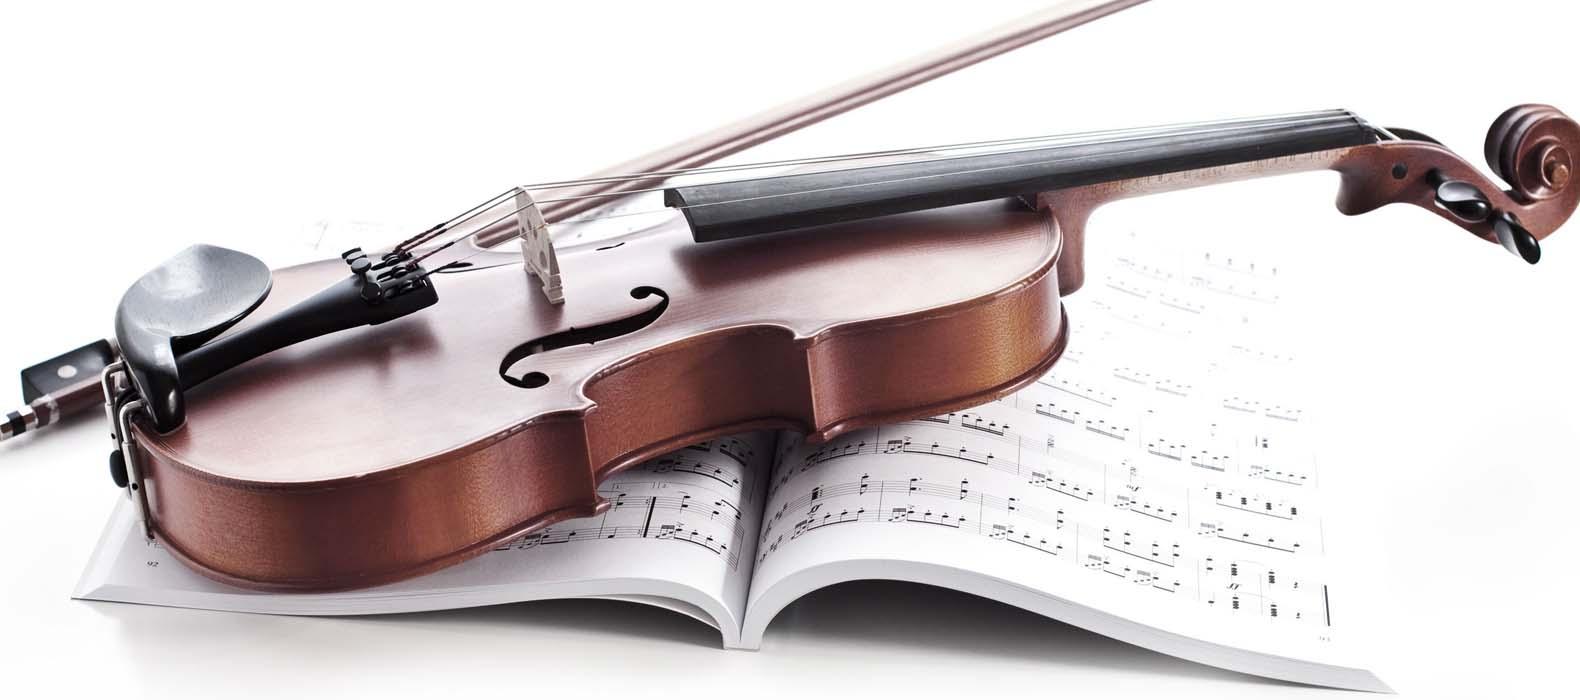 انتخاب ساز موسیقی - در هر شرایطی باید به صدای سازی که میخواهید یادبگیرید علاقه داشته باشید